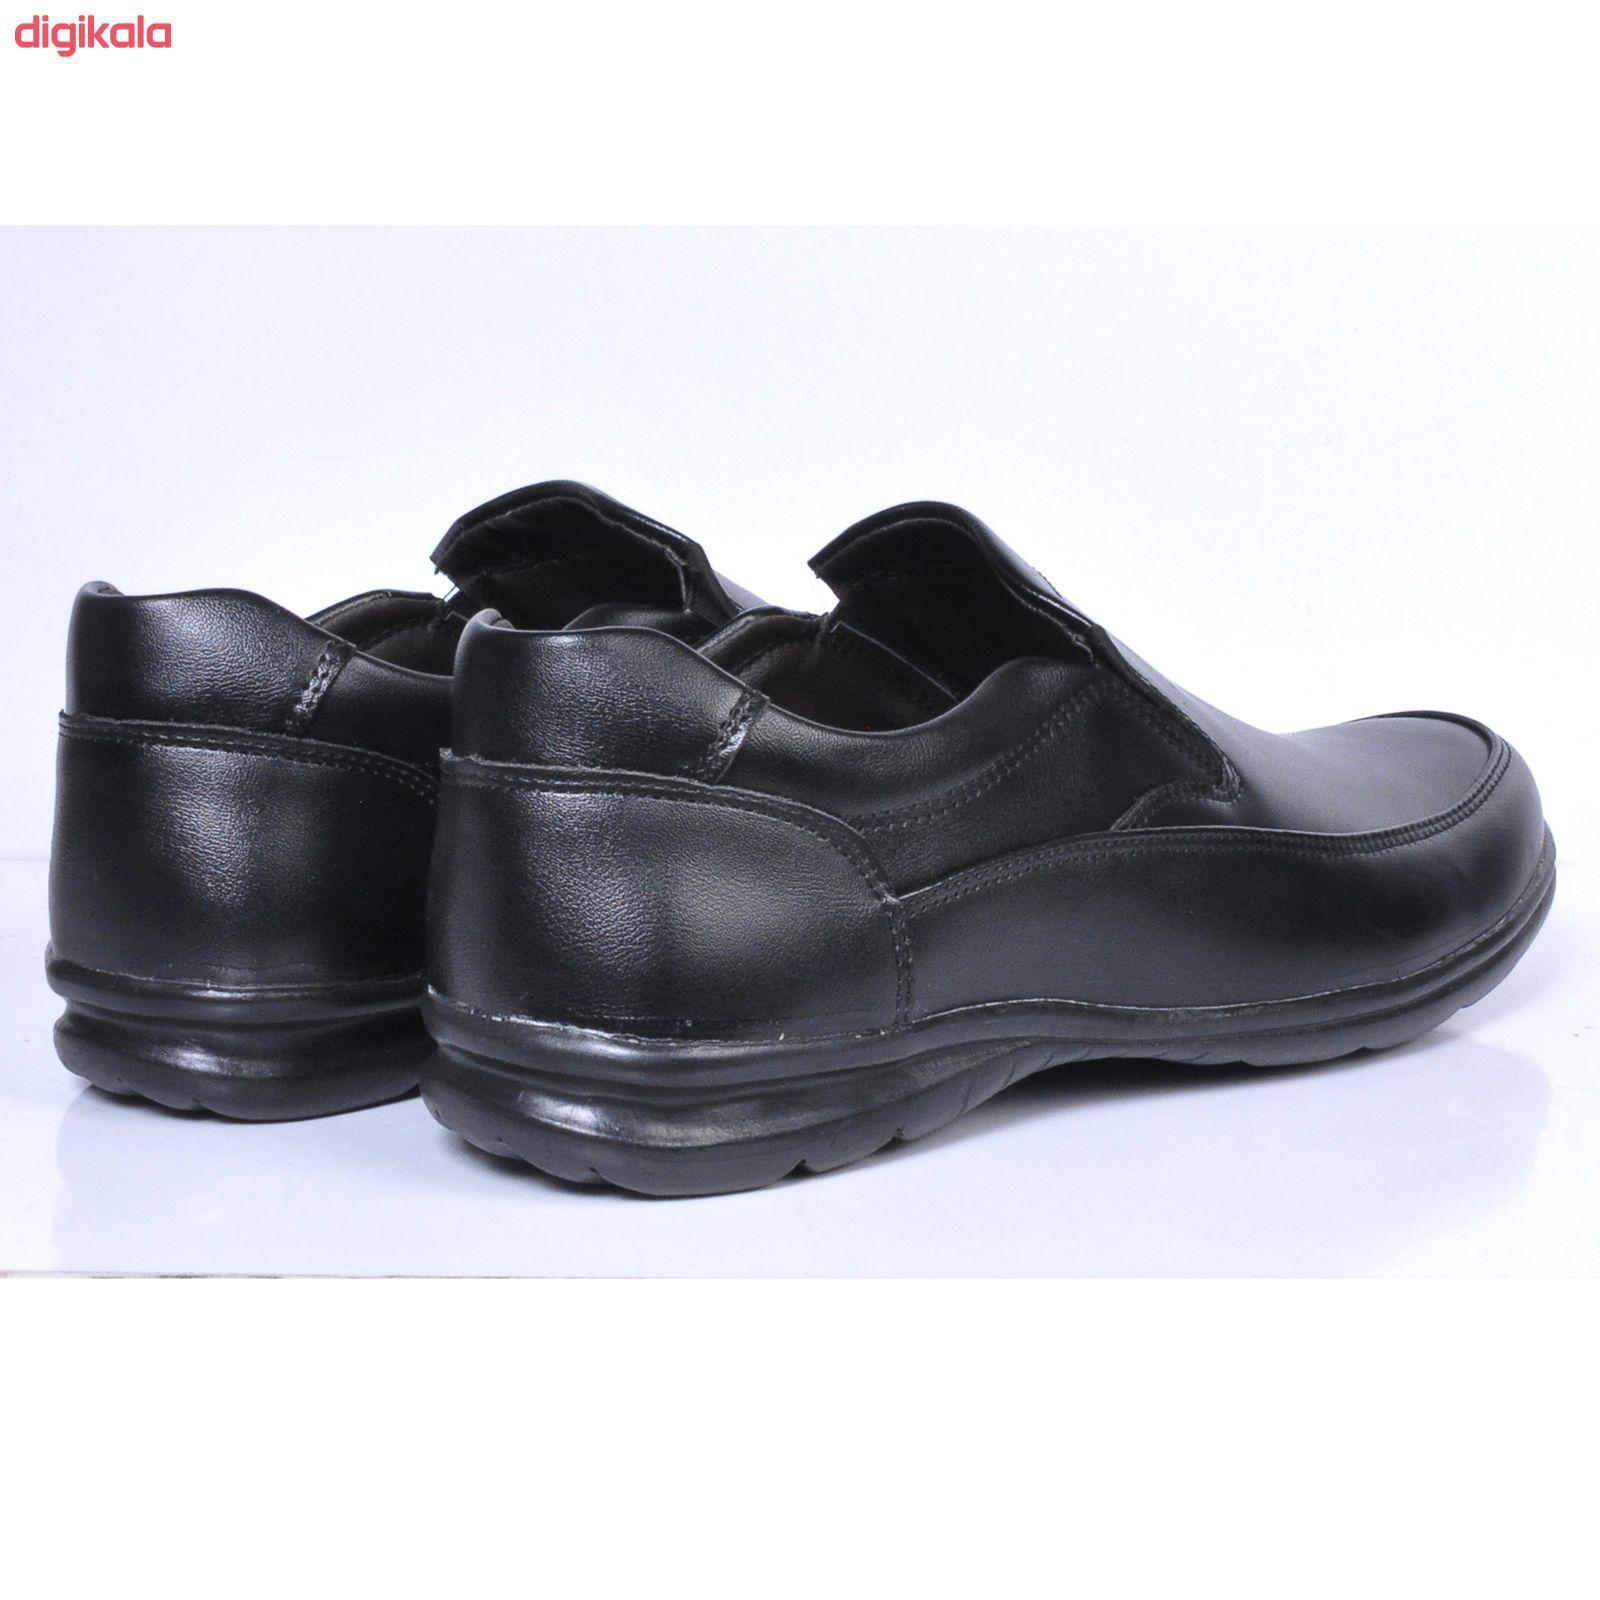 کفش روزمره مردانه کد m292m main 1 2